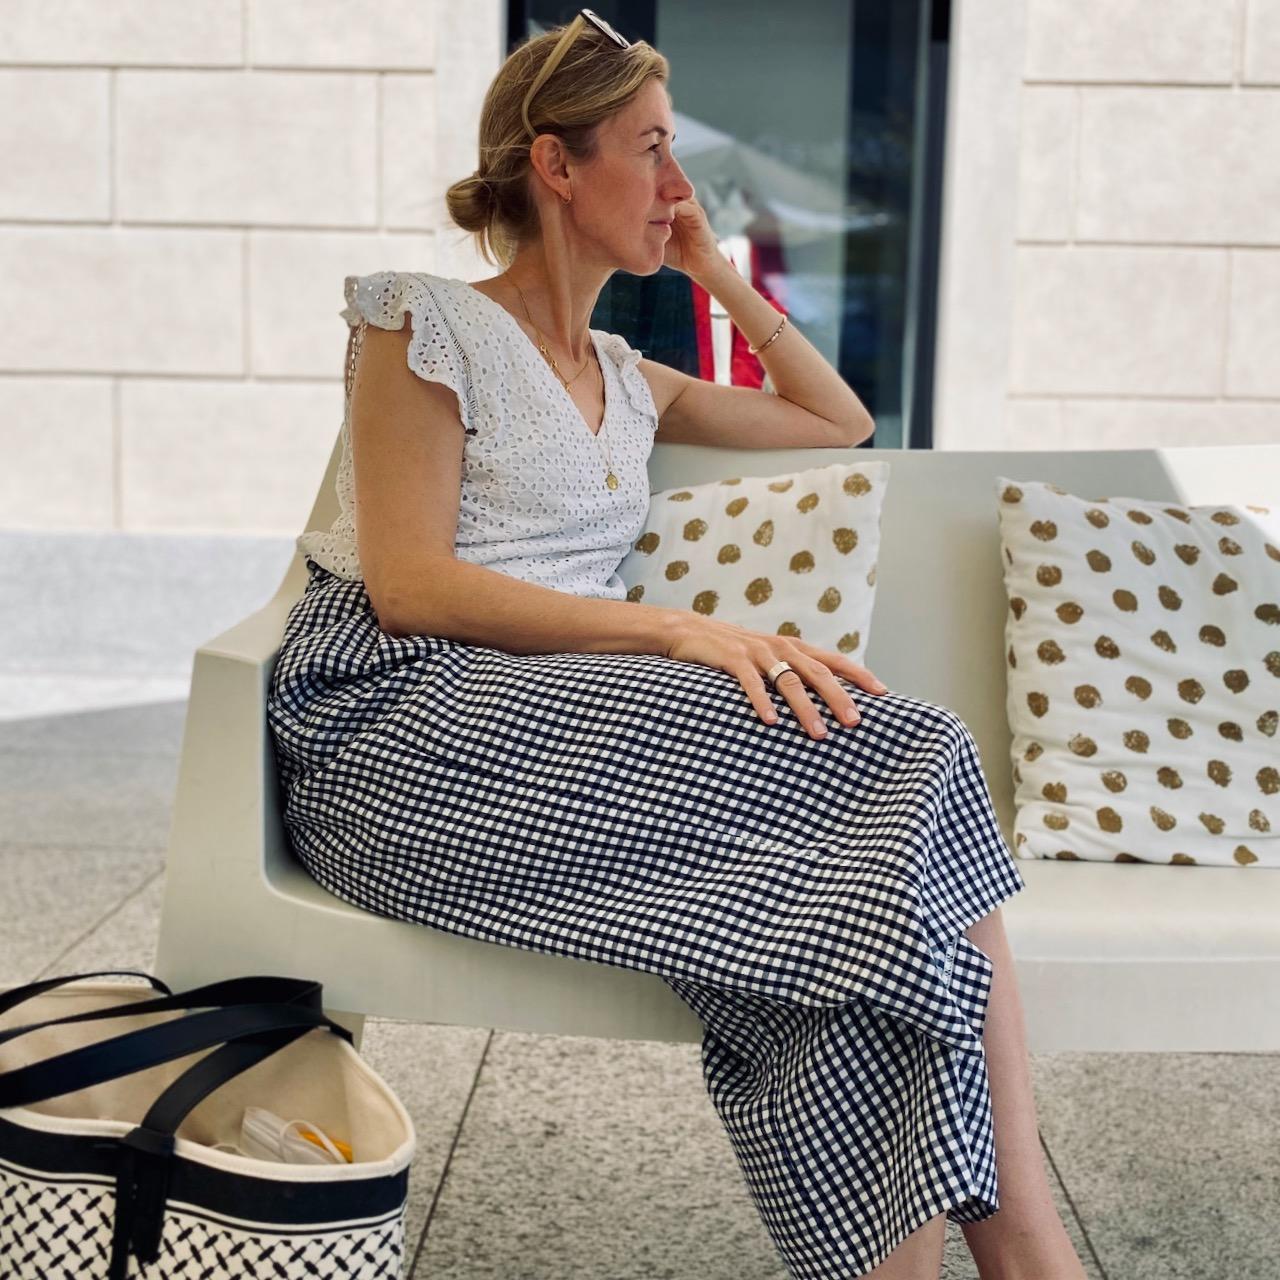 ann-cathrin-krauss-blog-blogger-lifestyle-blog-onlineshop-herrundfraukrauss